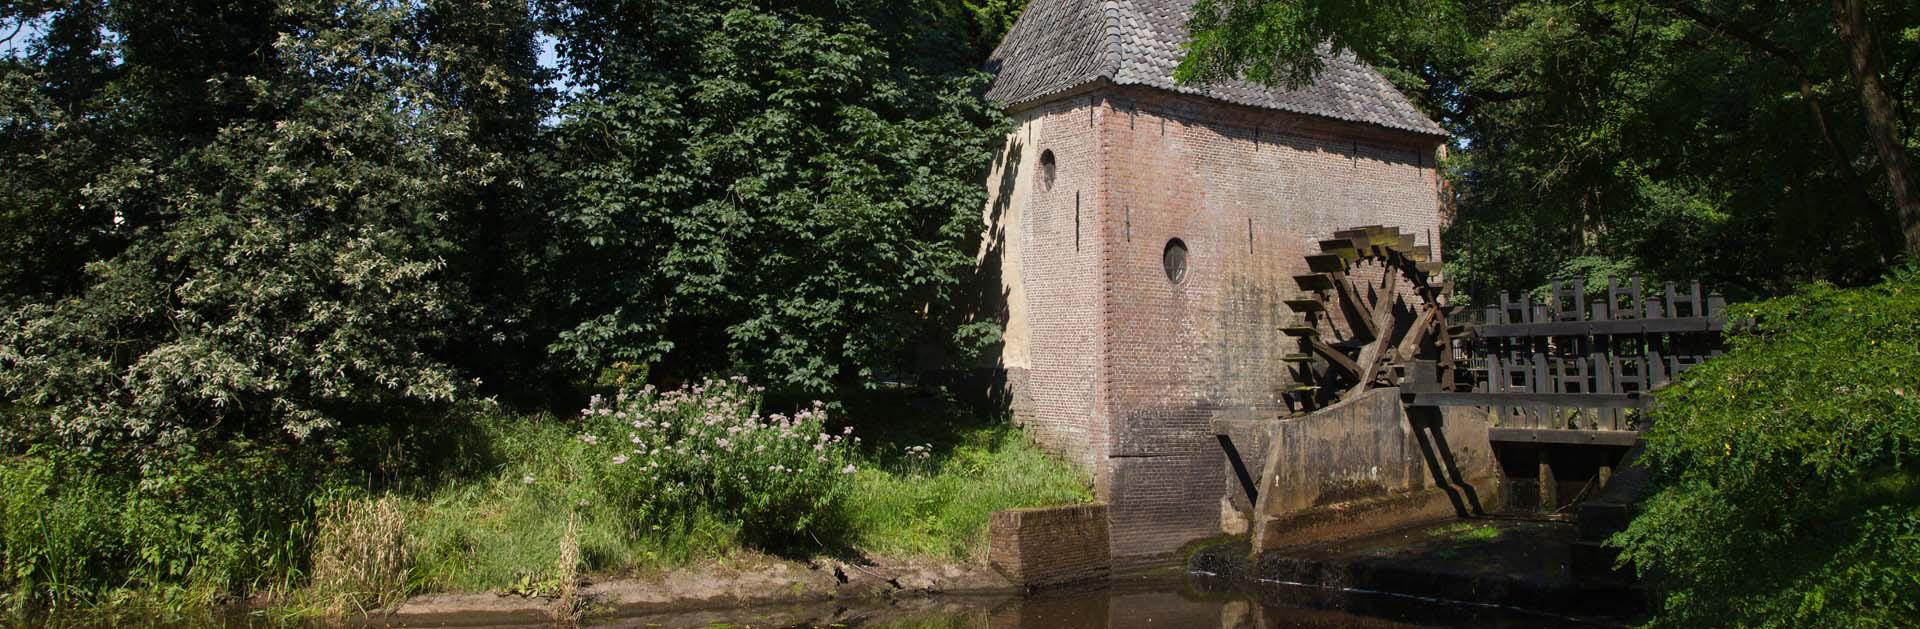 Watermolen Kasteel Hackfort - Vorden Regio Achterhoek - Liemers